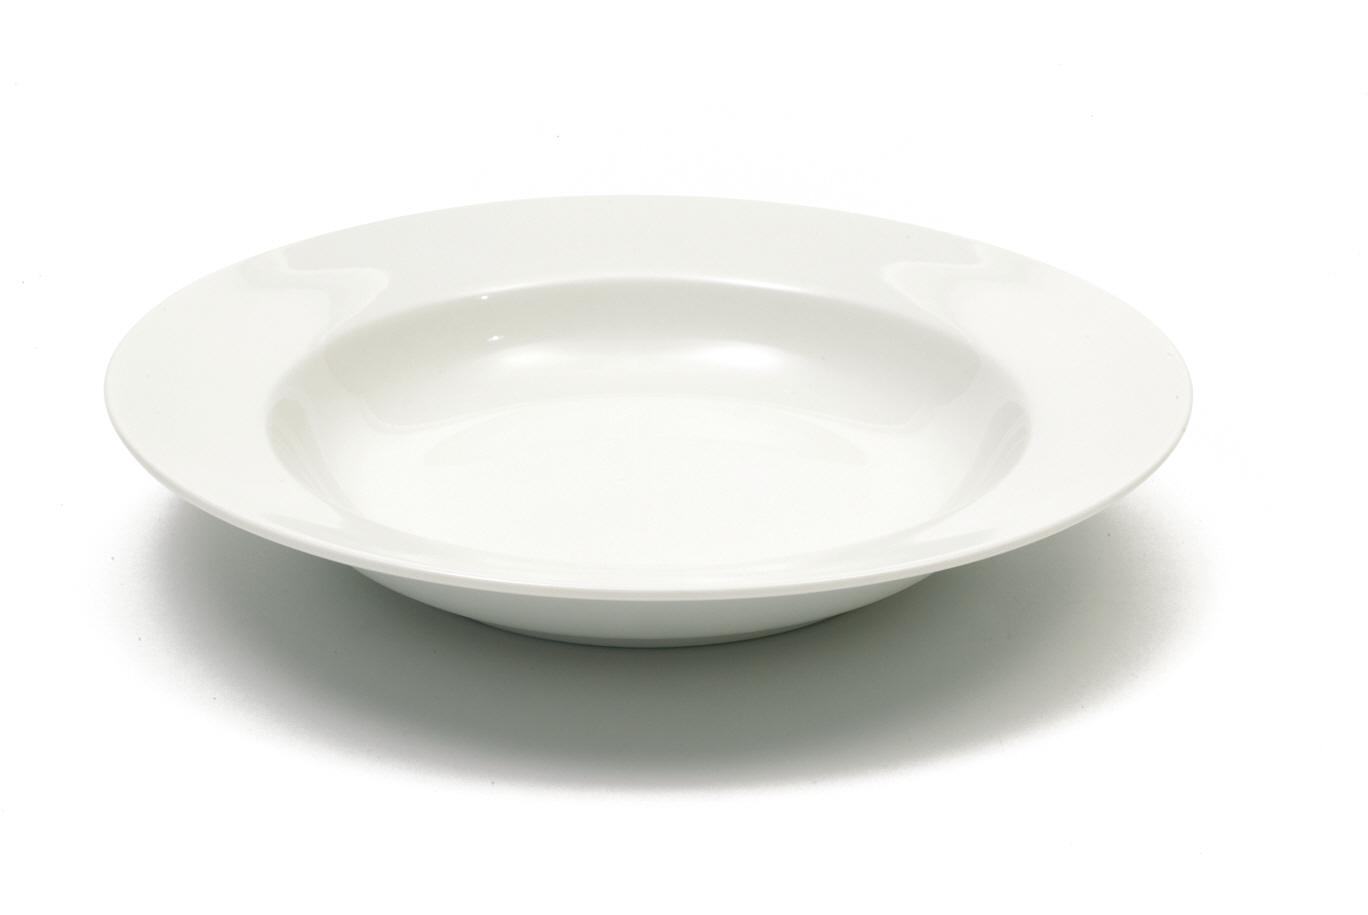 Porcelánový talíř na polévku White Basics 23 cm - Maxwell&Williams